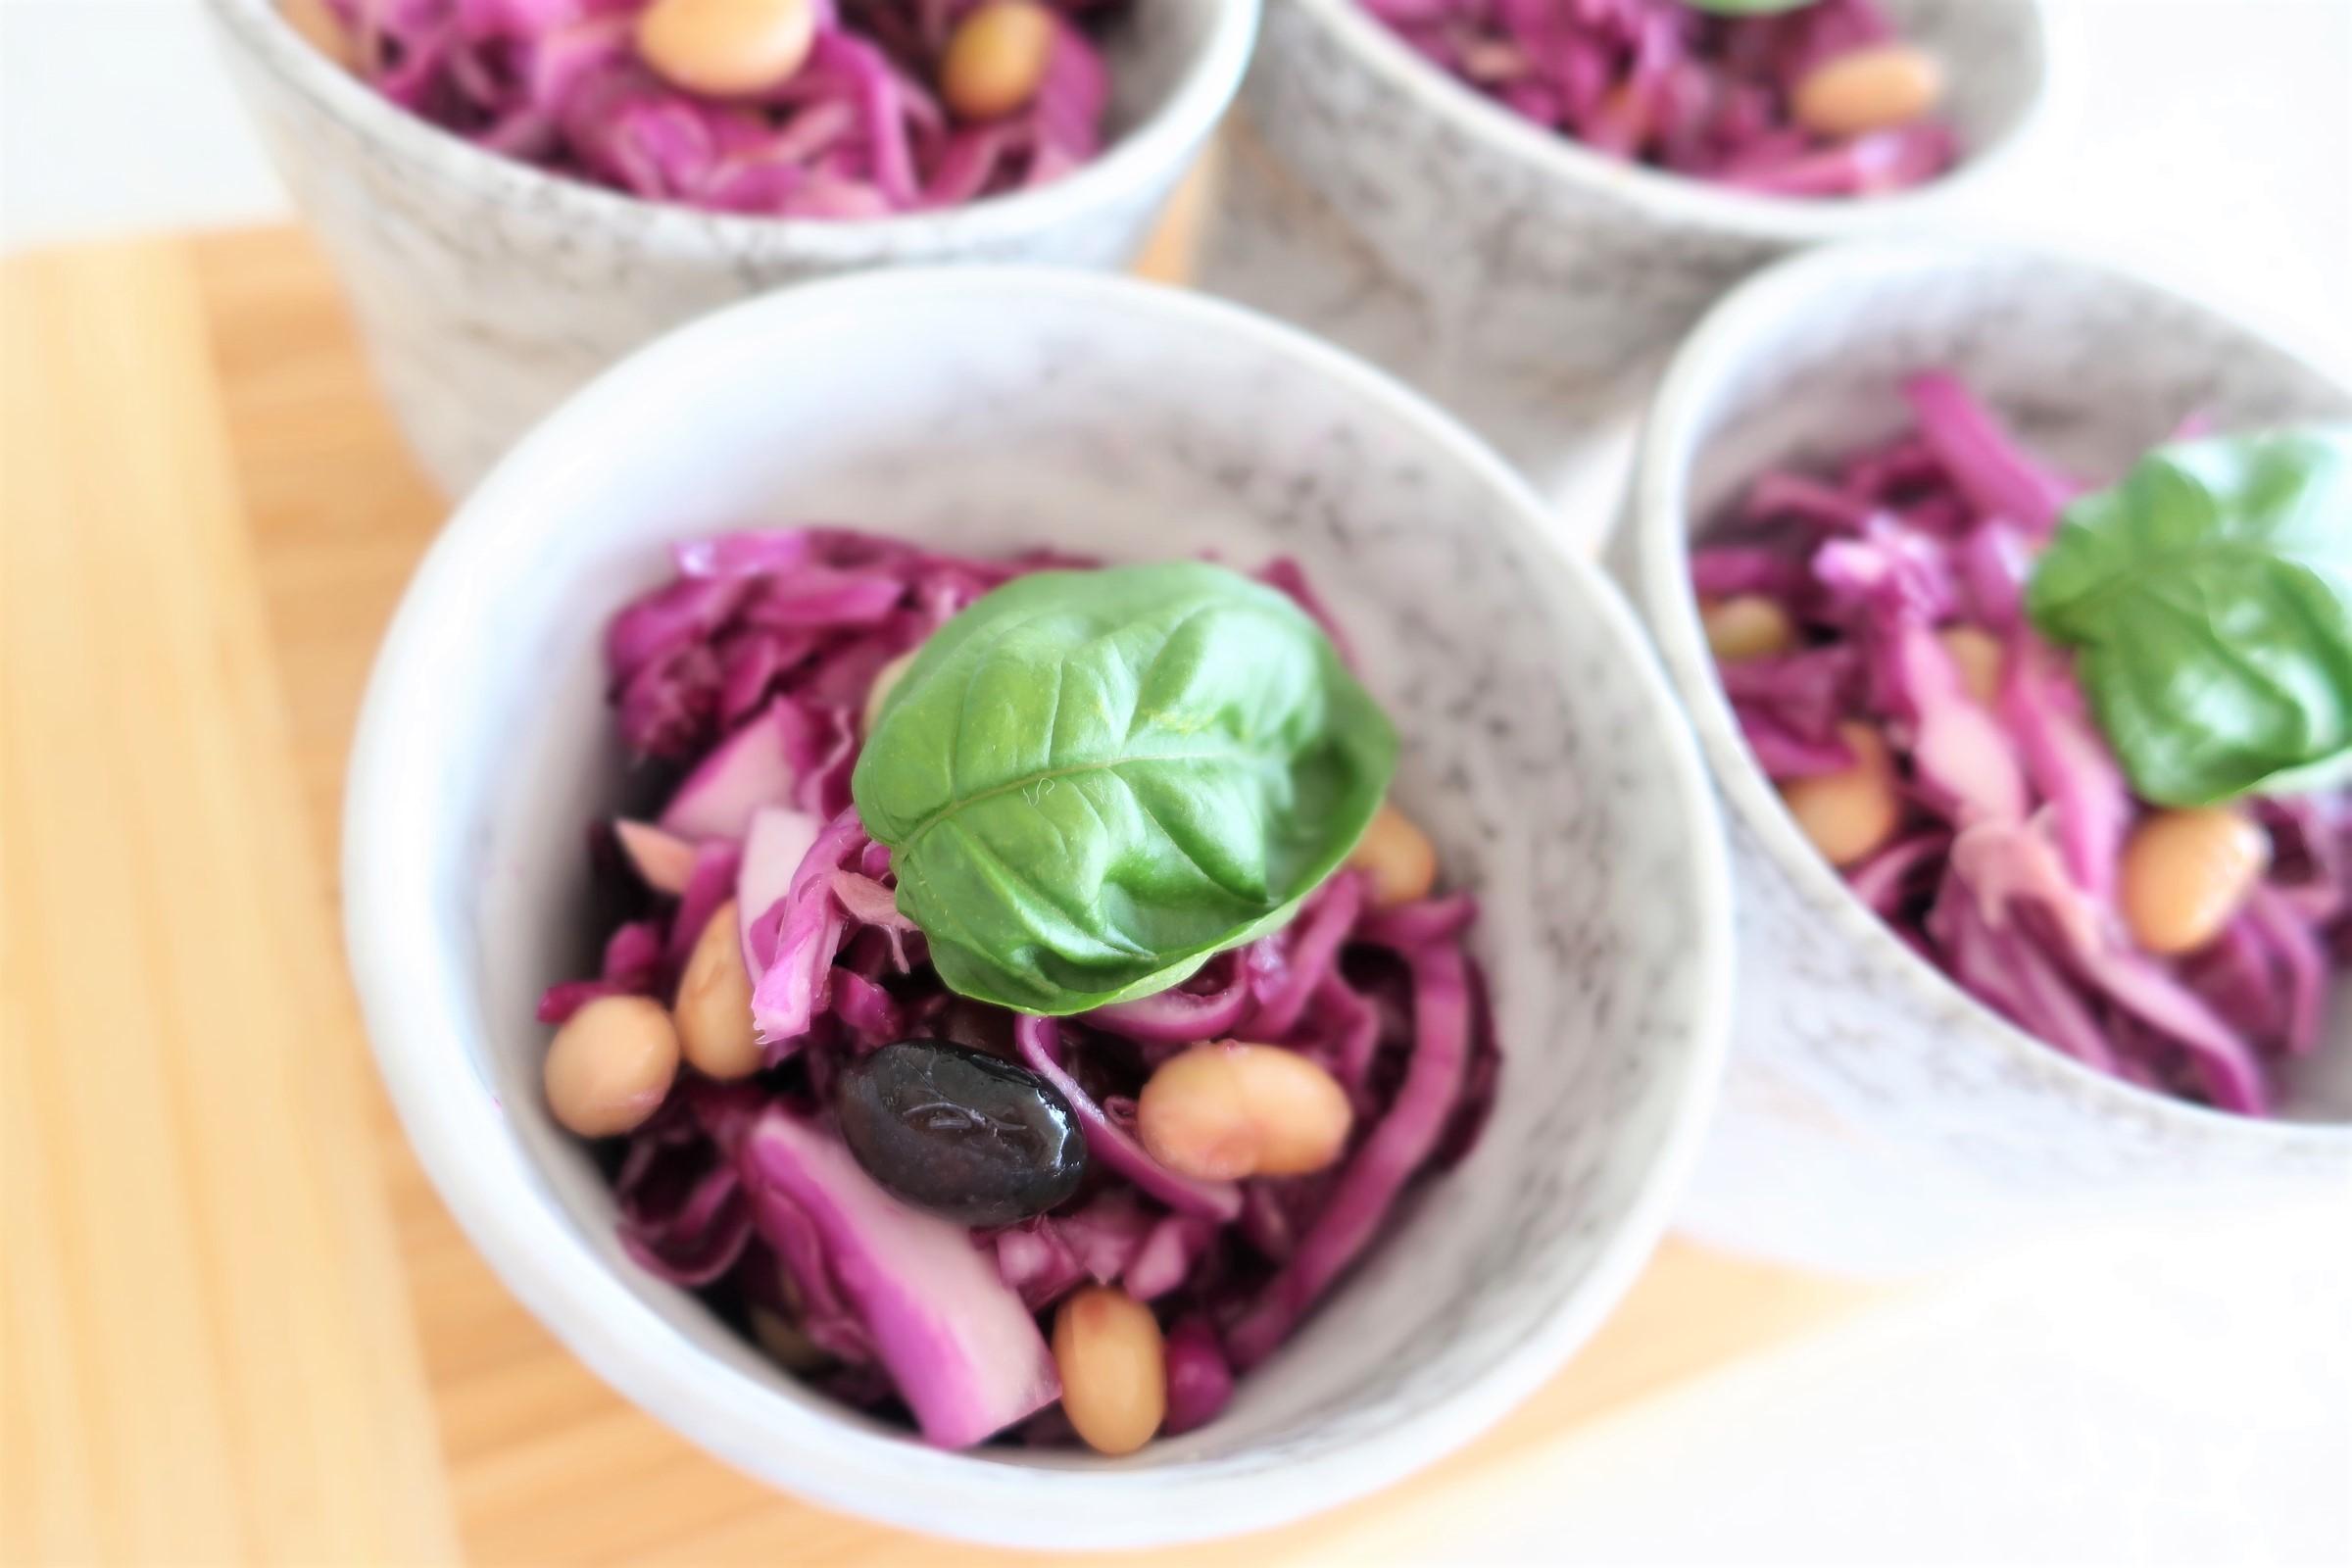 カラフルでとまらない美味しさ!紫キャベツとツナのサラダ_1_1